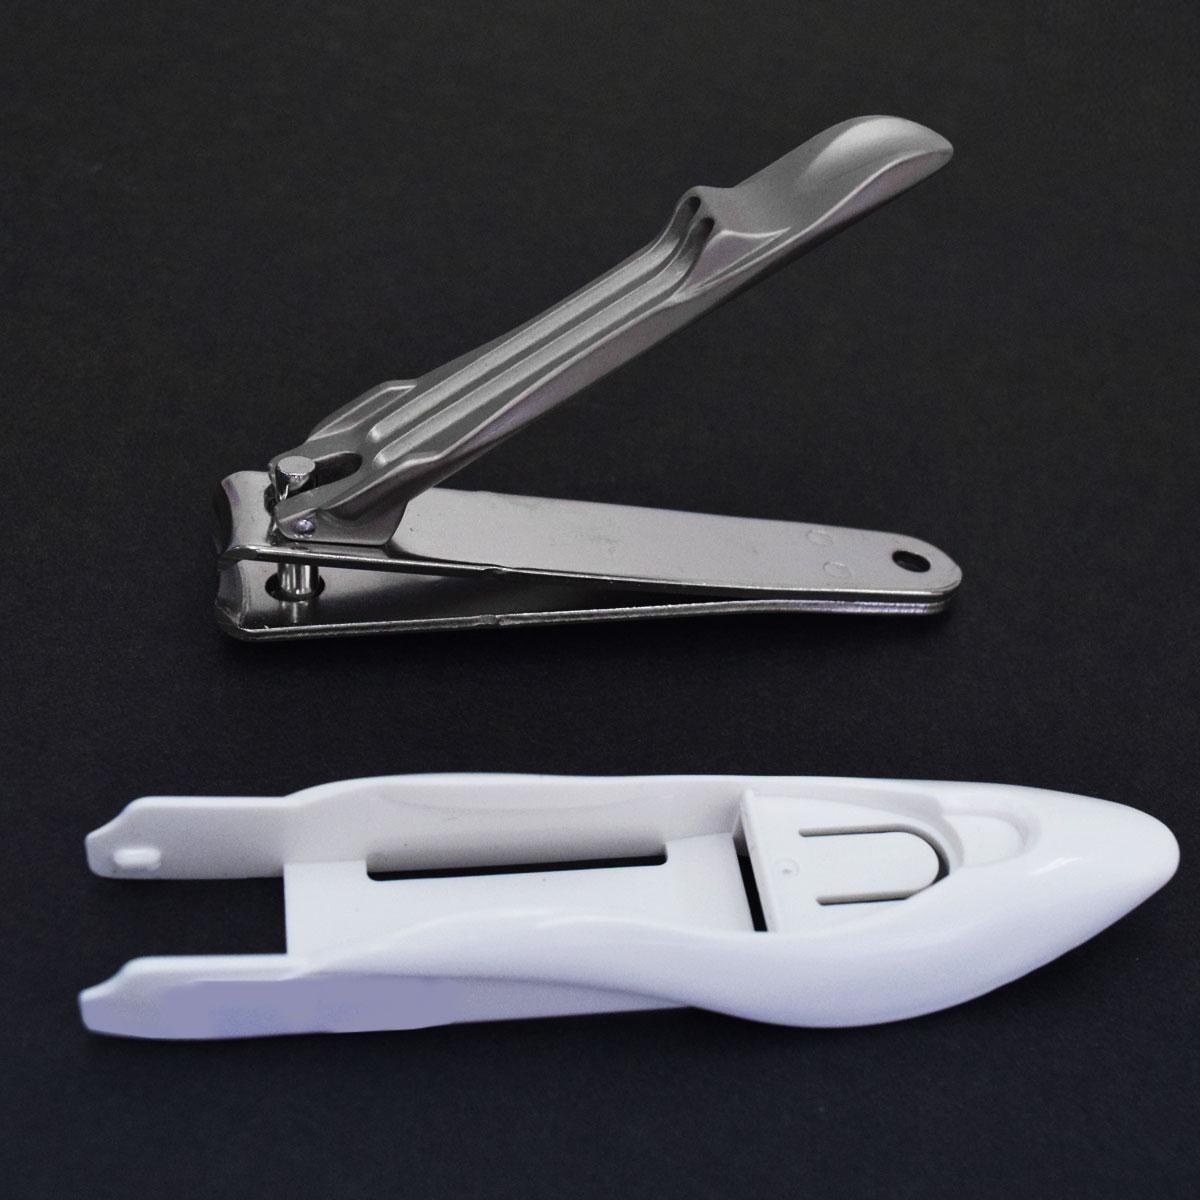 グルーミングキット キャッチャー付き爪切り・ステンレス製爪やすり(国産)